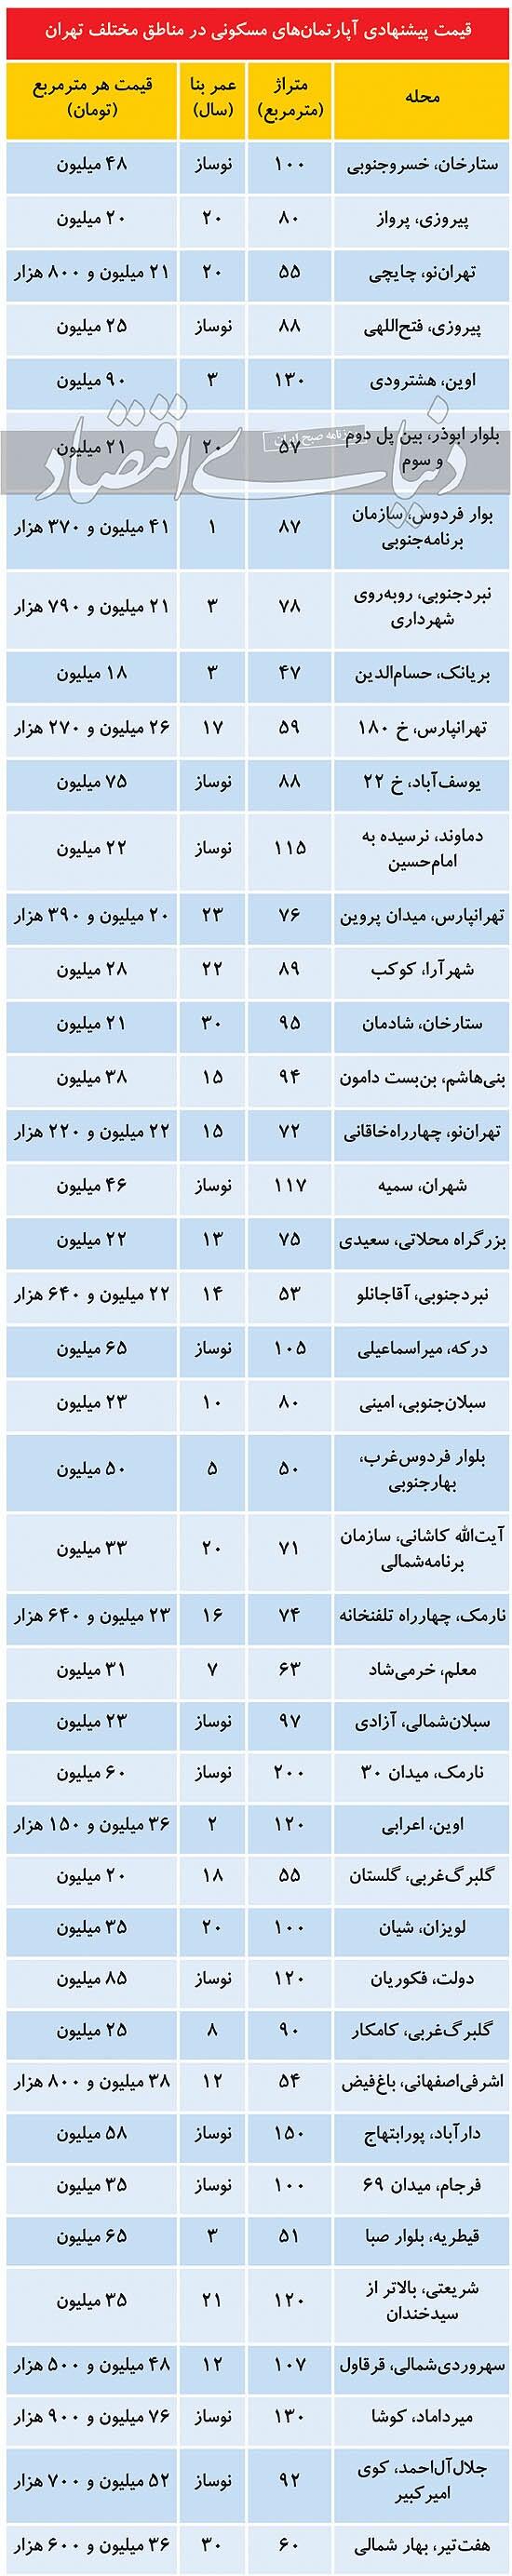 مظنه خرید آپارتمان در مناطق مختلف تهران + جدول